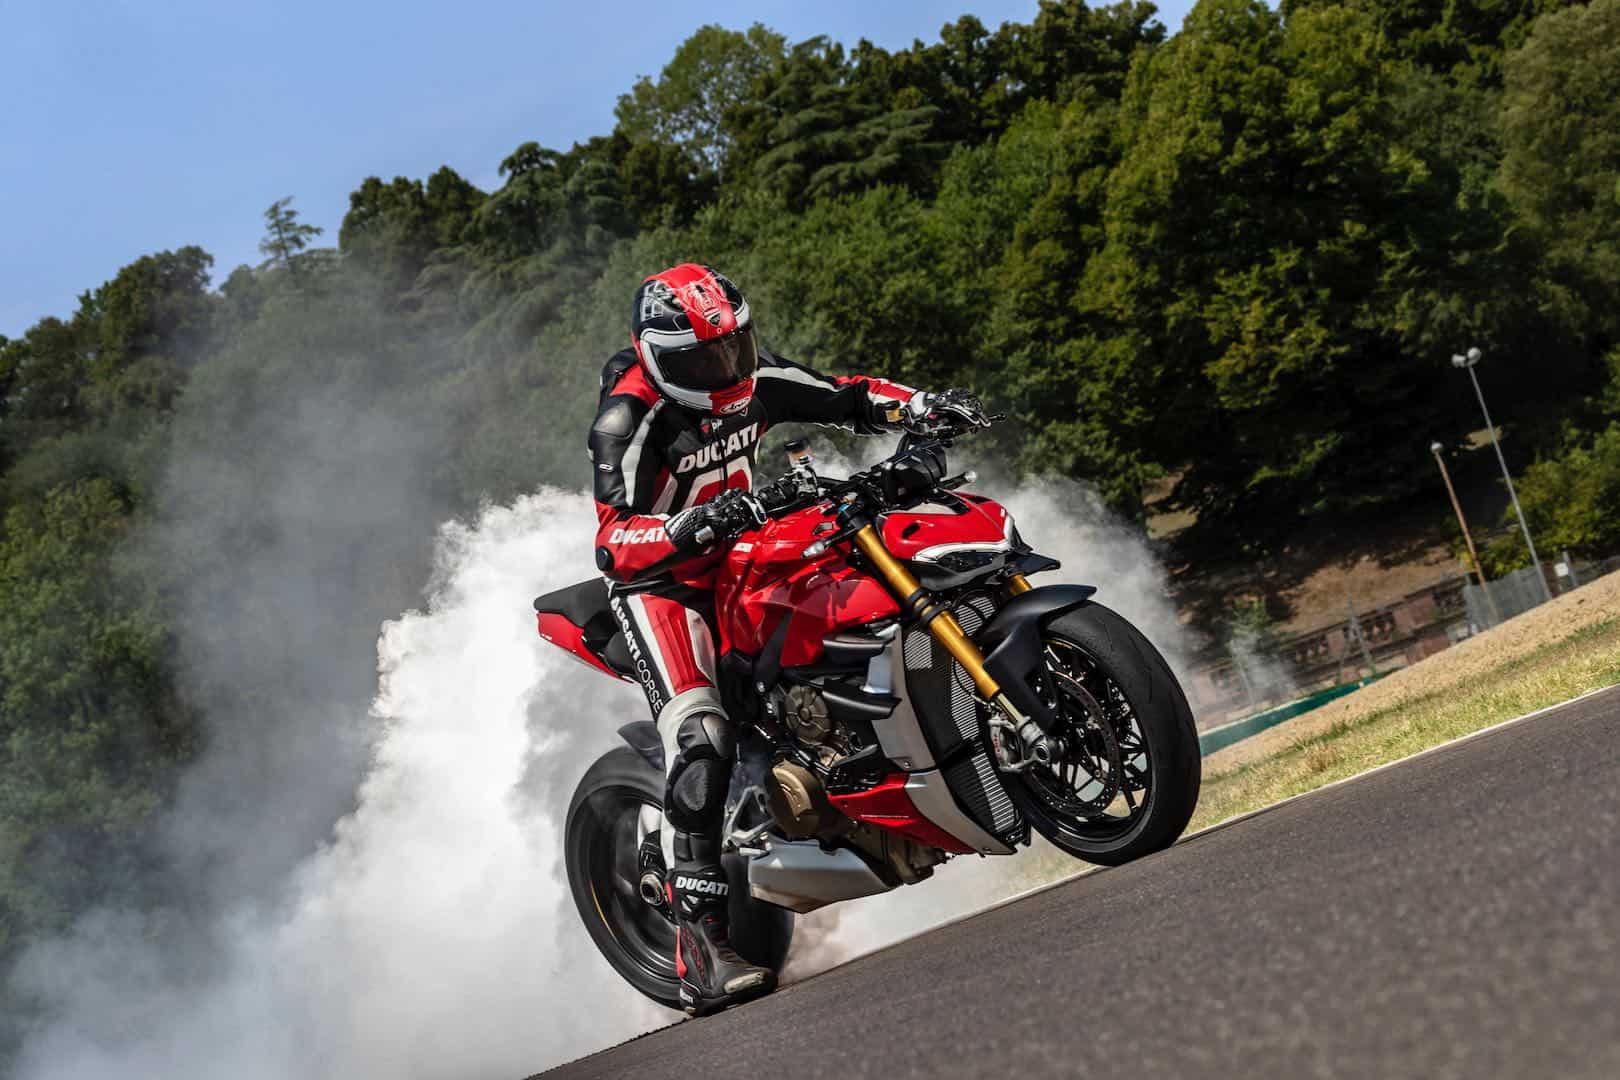 Ducati Streetfighter V4 2